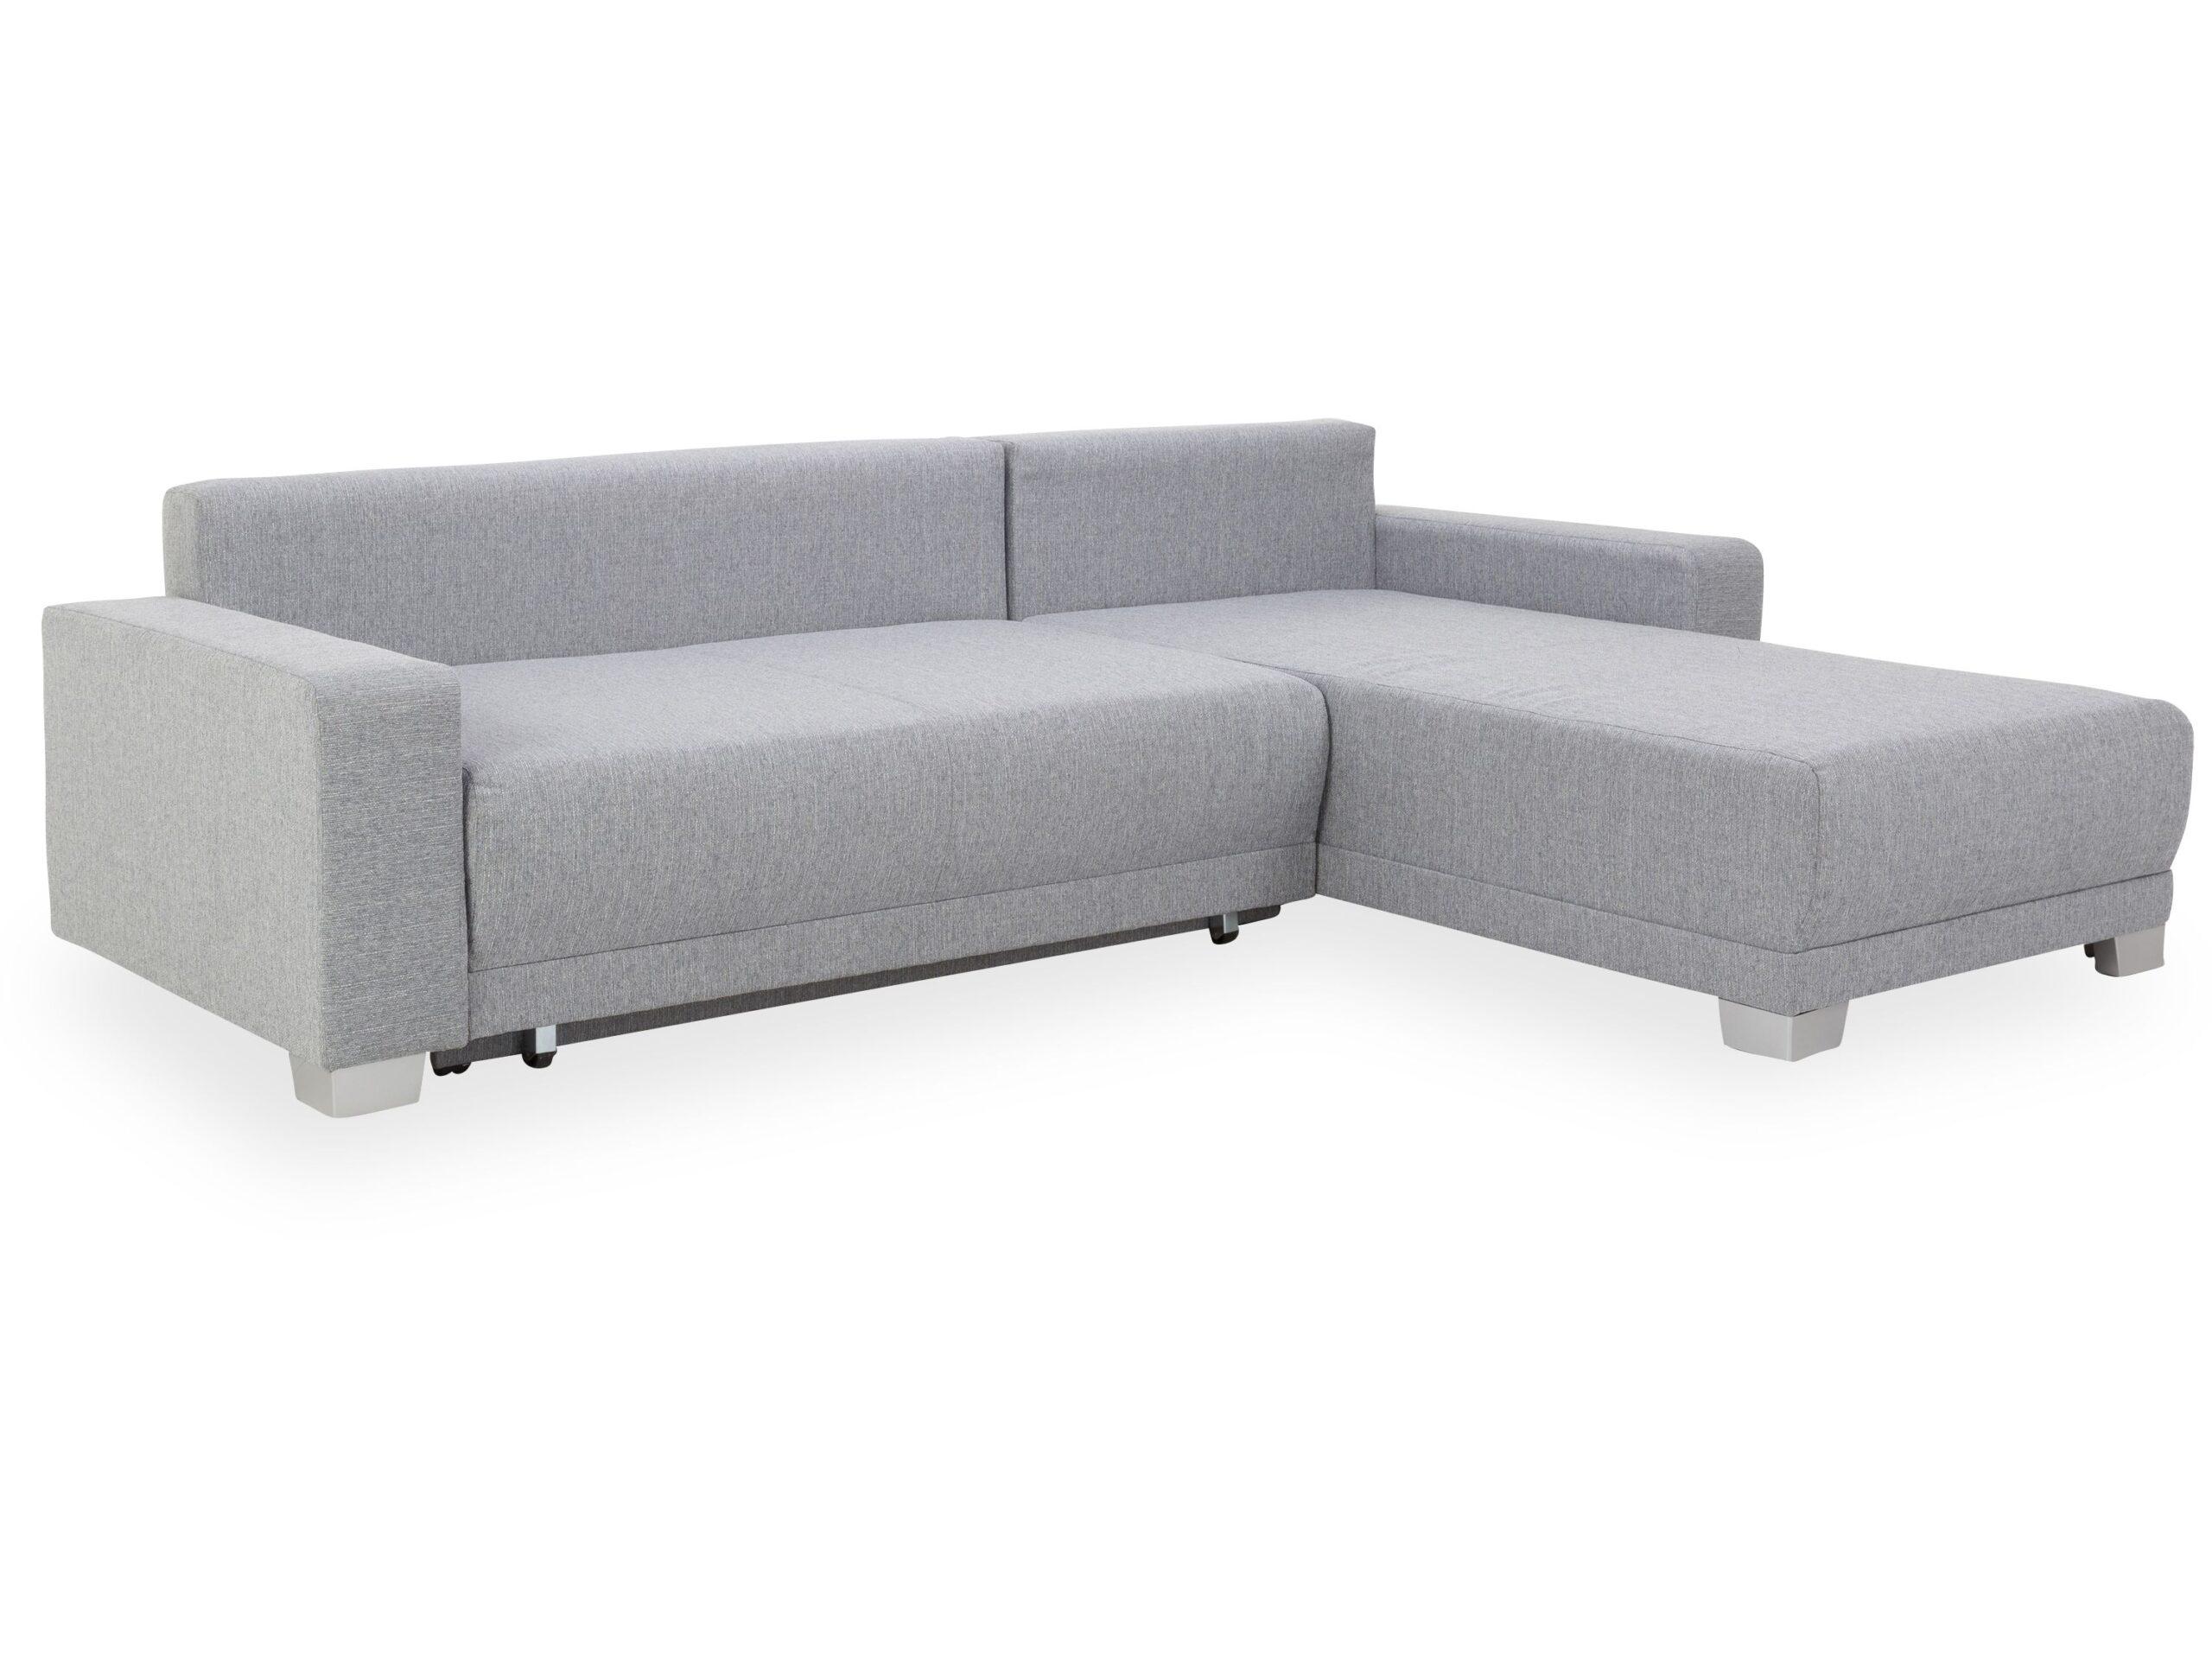 Full Size of Couch Auf Raten Trotz Schufa Kaufen Sofa Online Bestellen Big Ratenkauf Rechnung Ohne Als Neukunde 3 Teilig Grünes Schilling Reinigen Höffner Polyrattan Xxxl Sofa Sofa Auf Raten